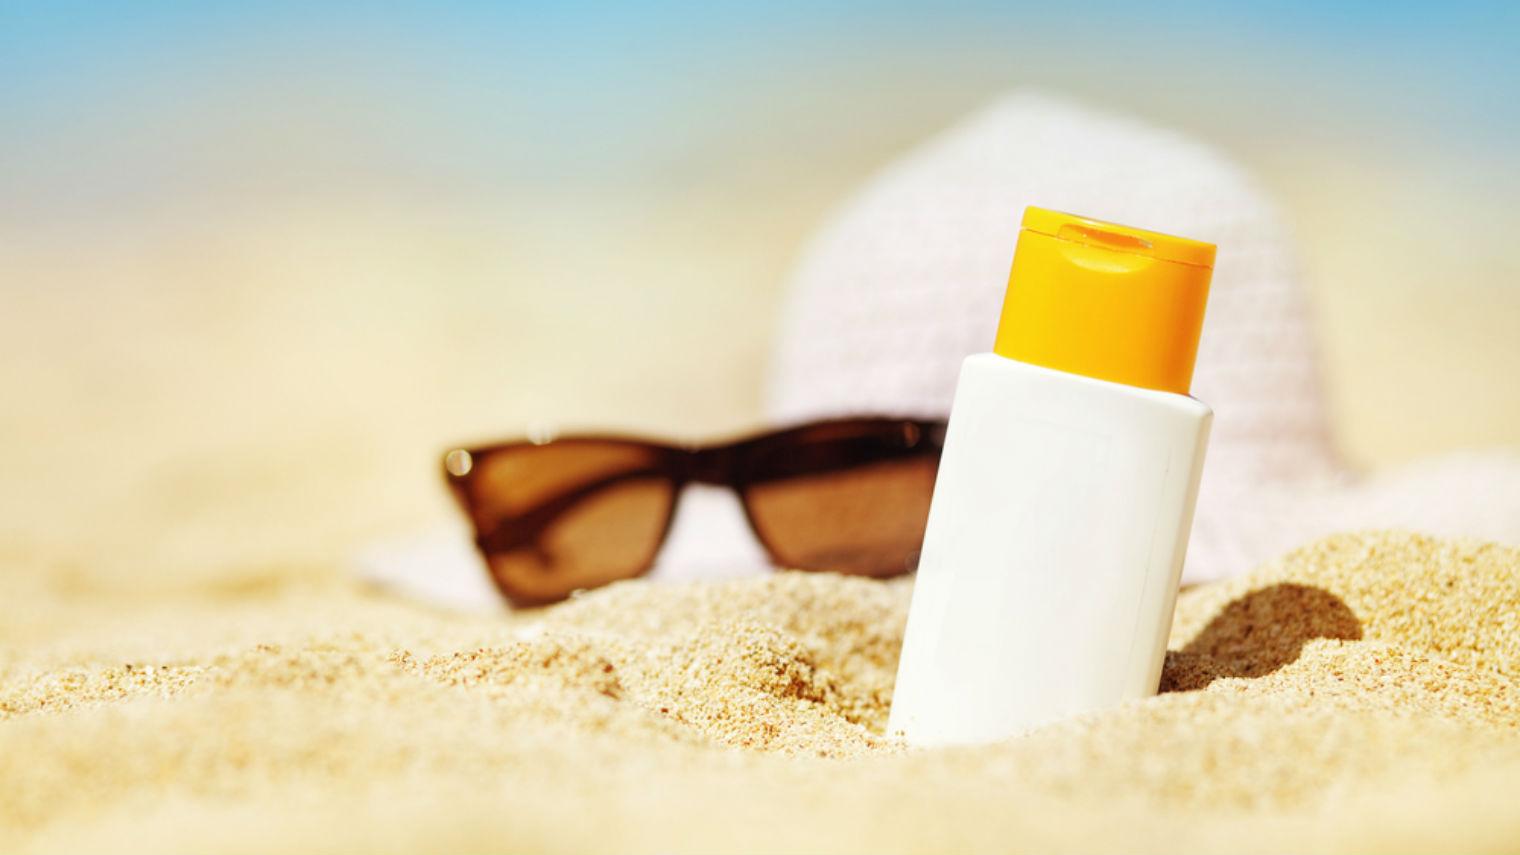 مهمترین رمز جوان ماندن پوست شما، مراقبت از آن در برابر آفتاب است.